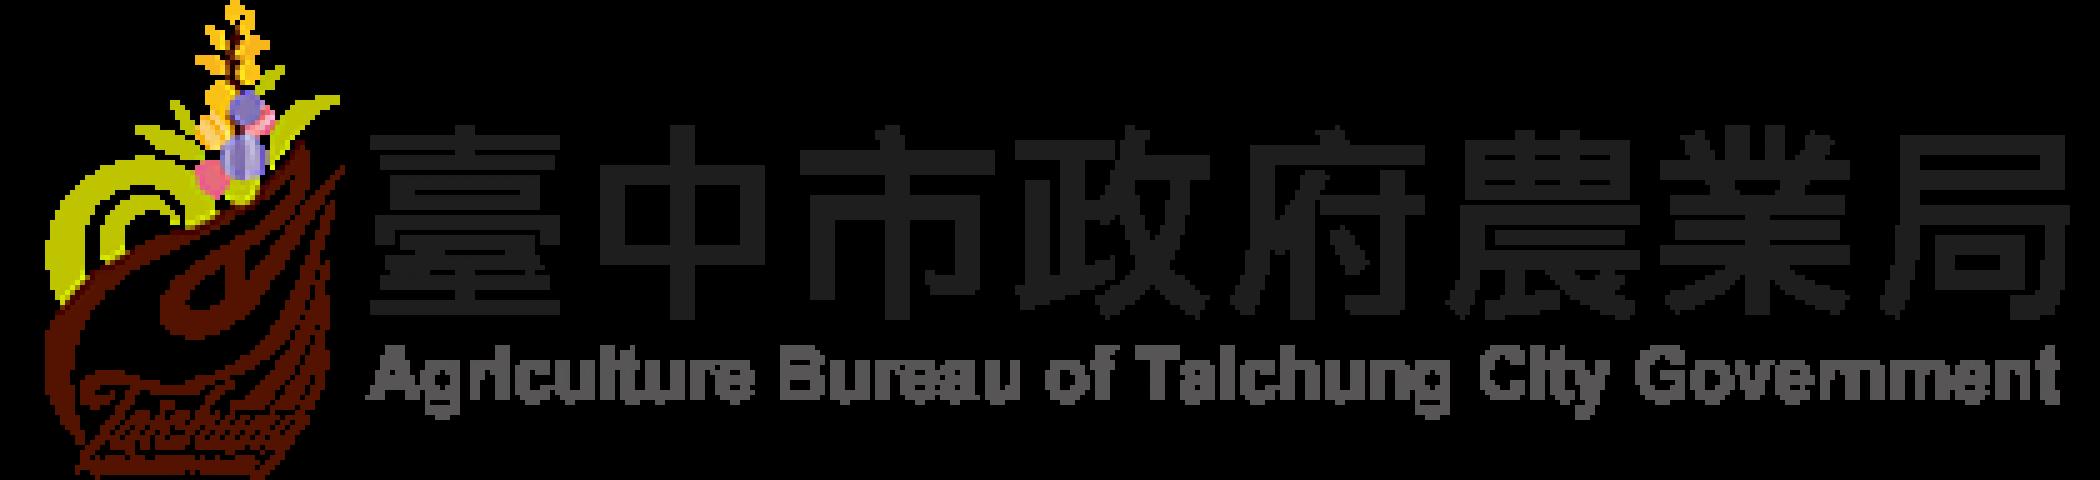 台中市政府農業局